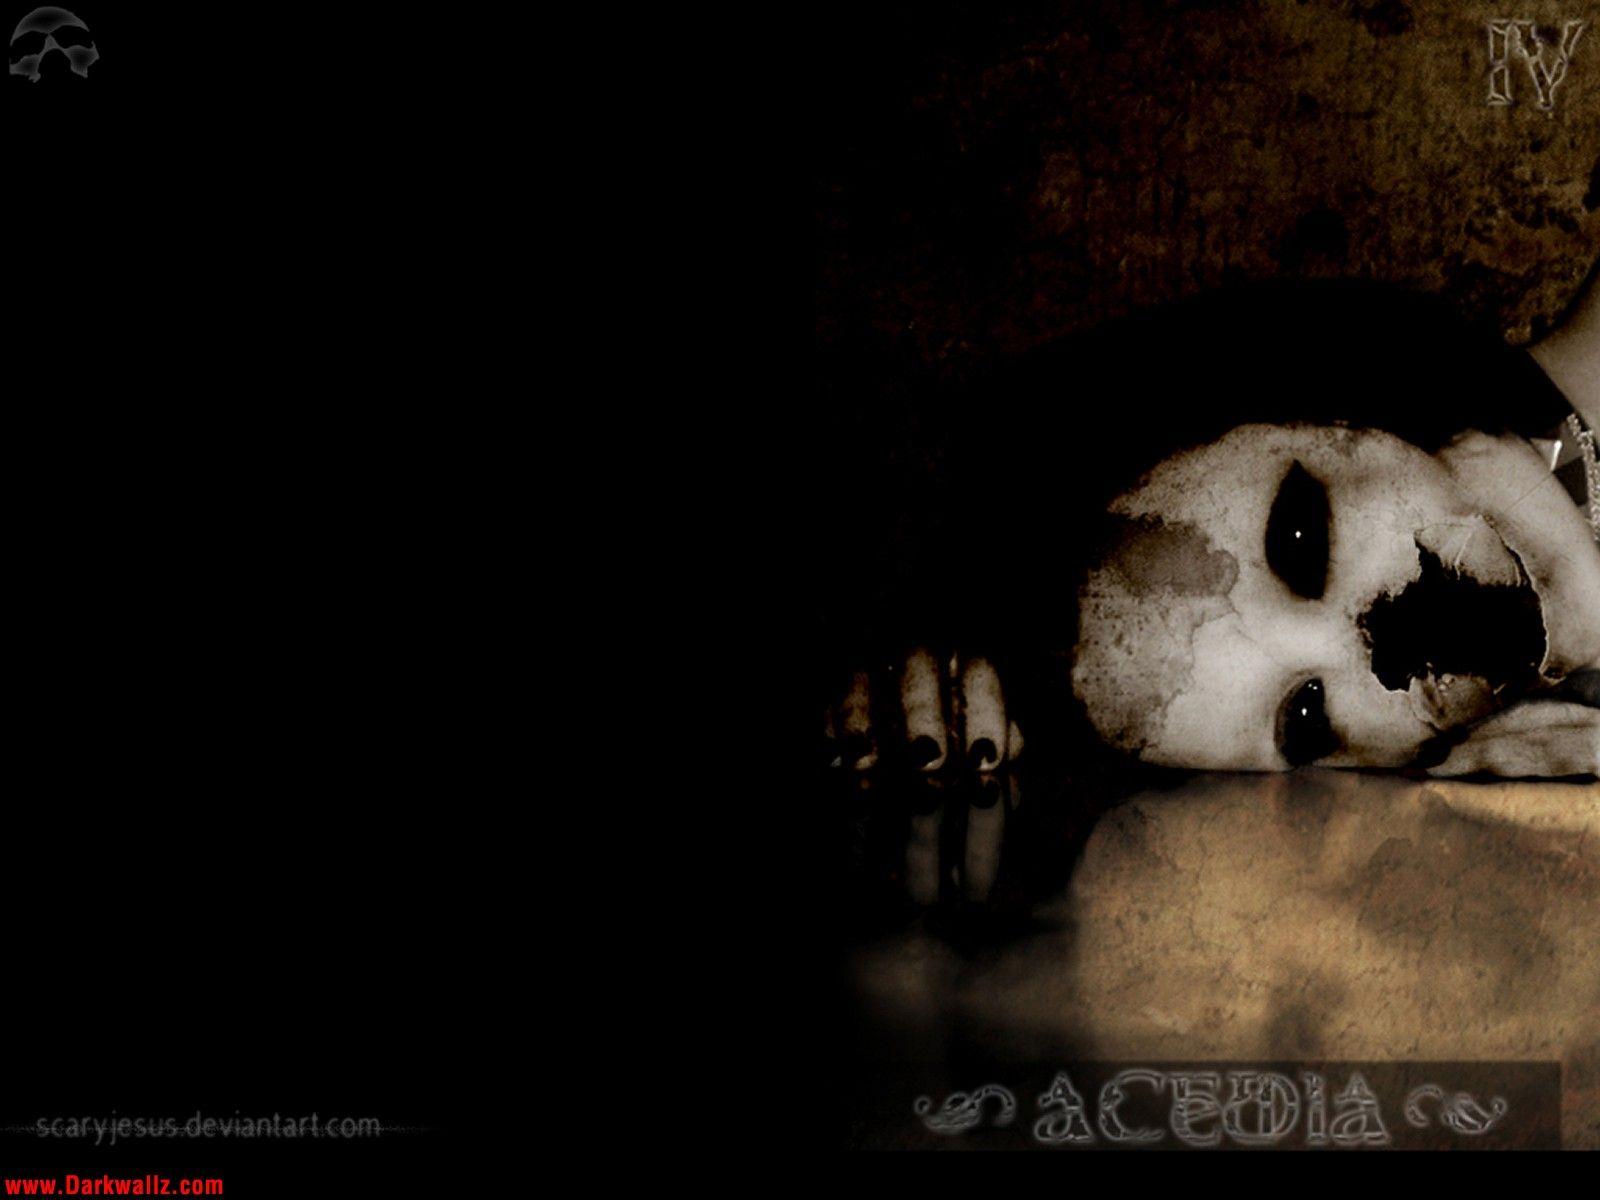 Good Wallpaper High Quality Horror - 68b8a6e159169897cc01d8d34d184962  Best Photo Reference_707231.jpg